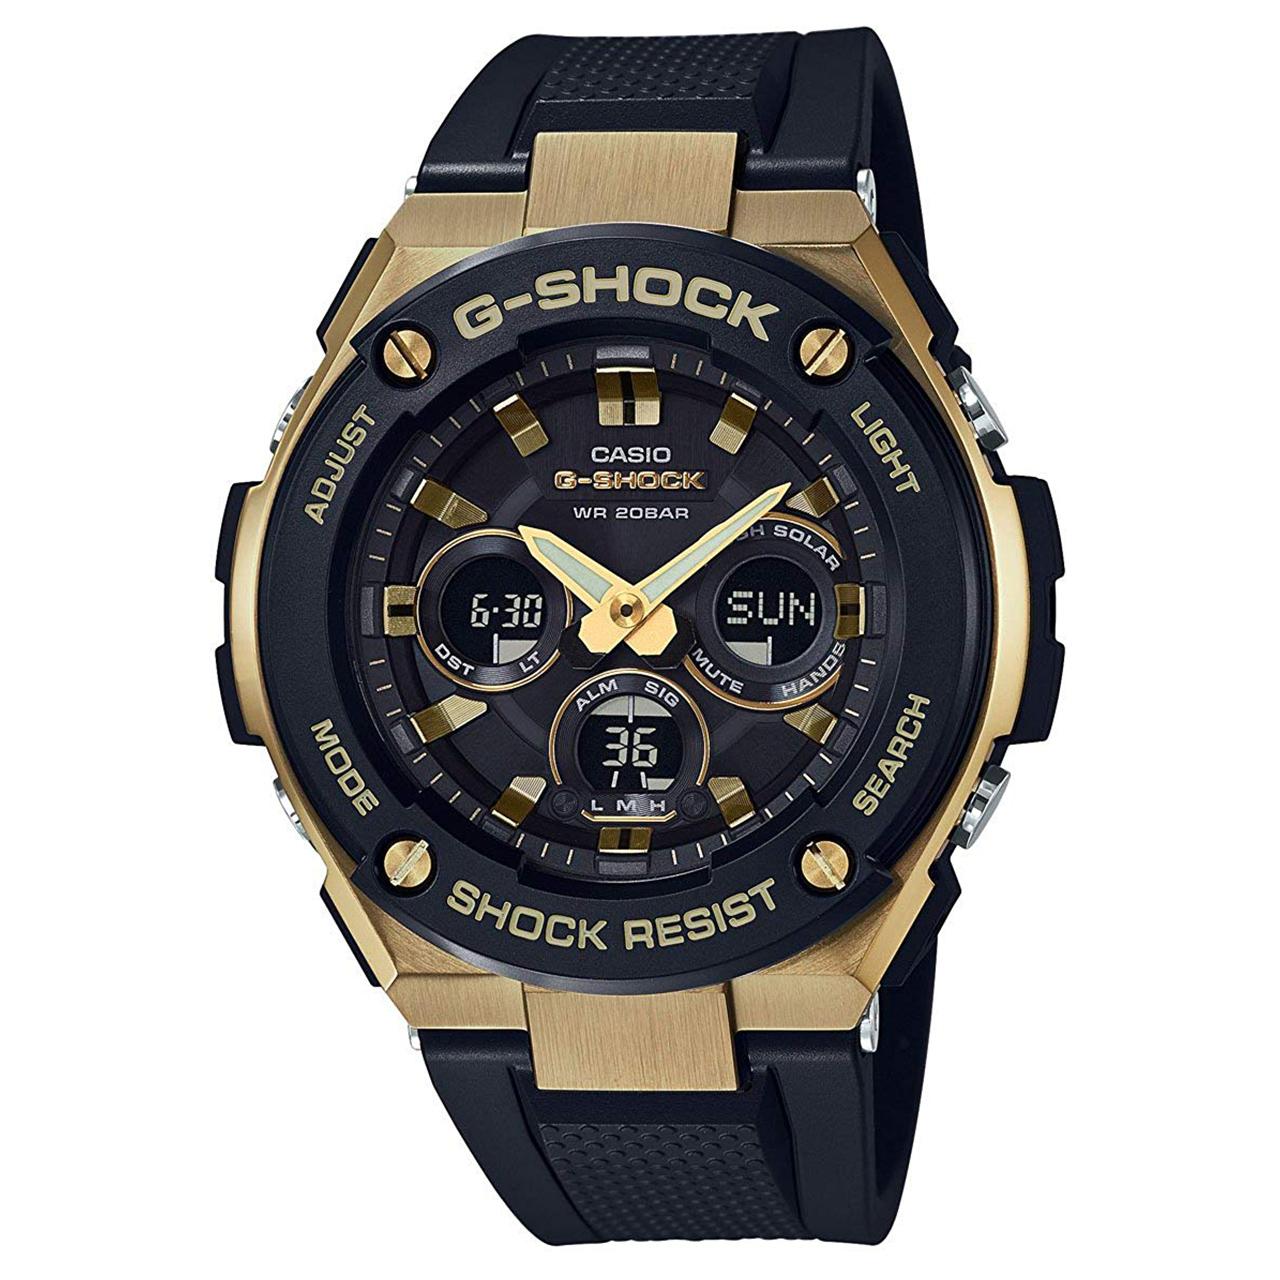 ساعت  کاسیو مدل GST-S300G-1A9DR